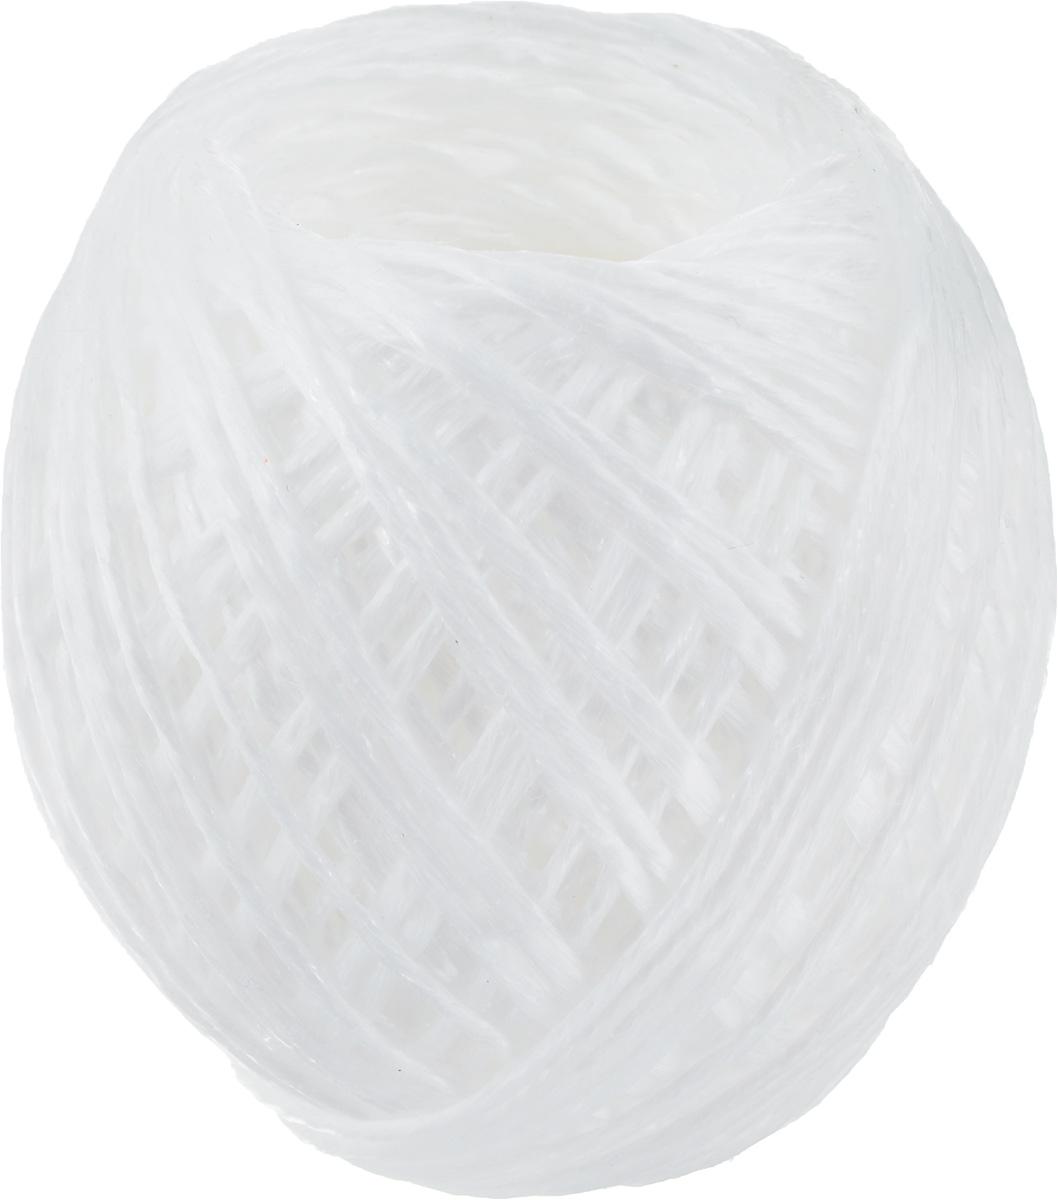 Шпагат полипропиленовый Osttex, длина 100 мшпп1100-100Шпагат Osttex - это сверхпрочная полипропиленовая веревка общего назначения, которая отличается стойкостью к температурному воздействию, истиранию и влаге. Шпагат 100% натуральный и экологически чистый. Используется для хозяйственно-бытовых целей, упаковочных и декоративных работ. Безопасен для использования с пищевыми продуктами.Длина: 100 м. Линейная плотность: 1100 текс.